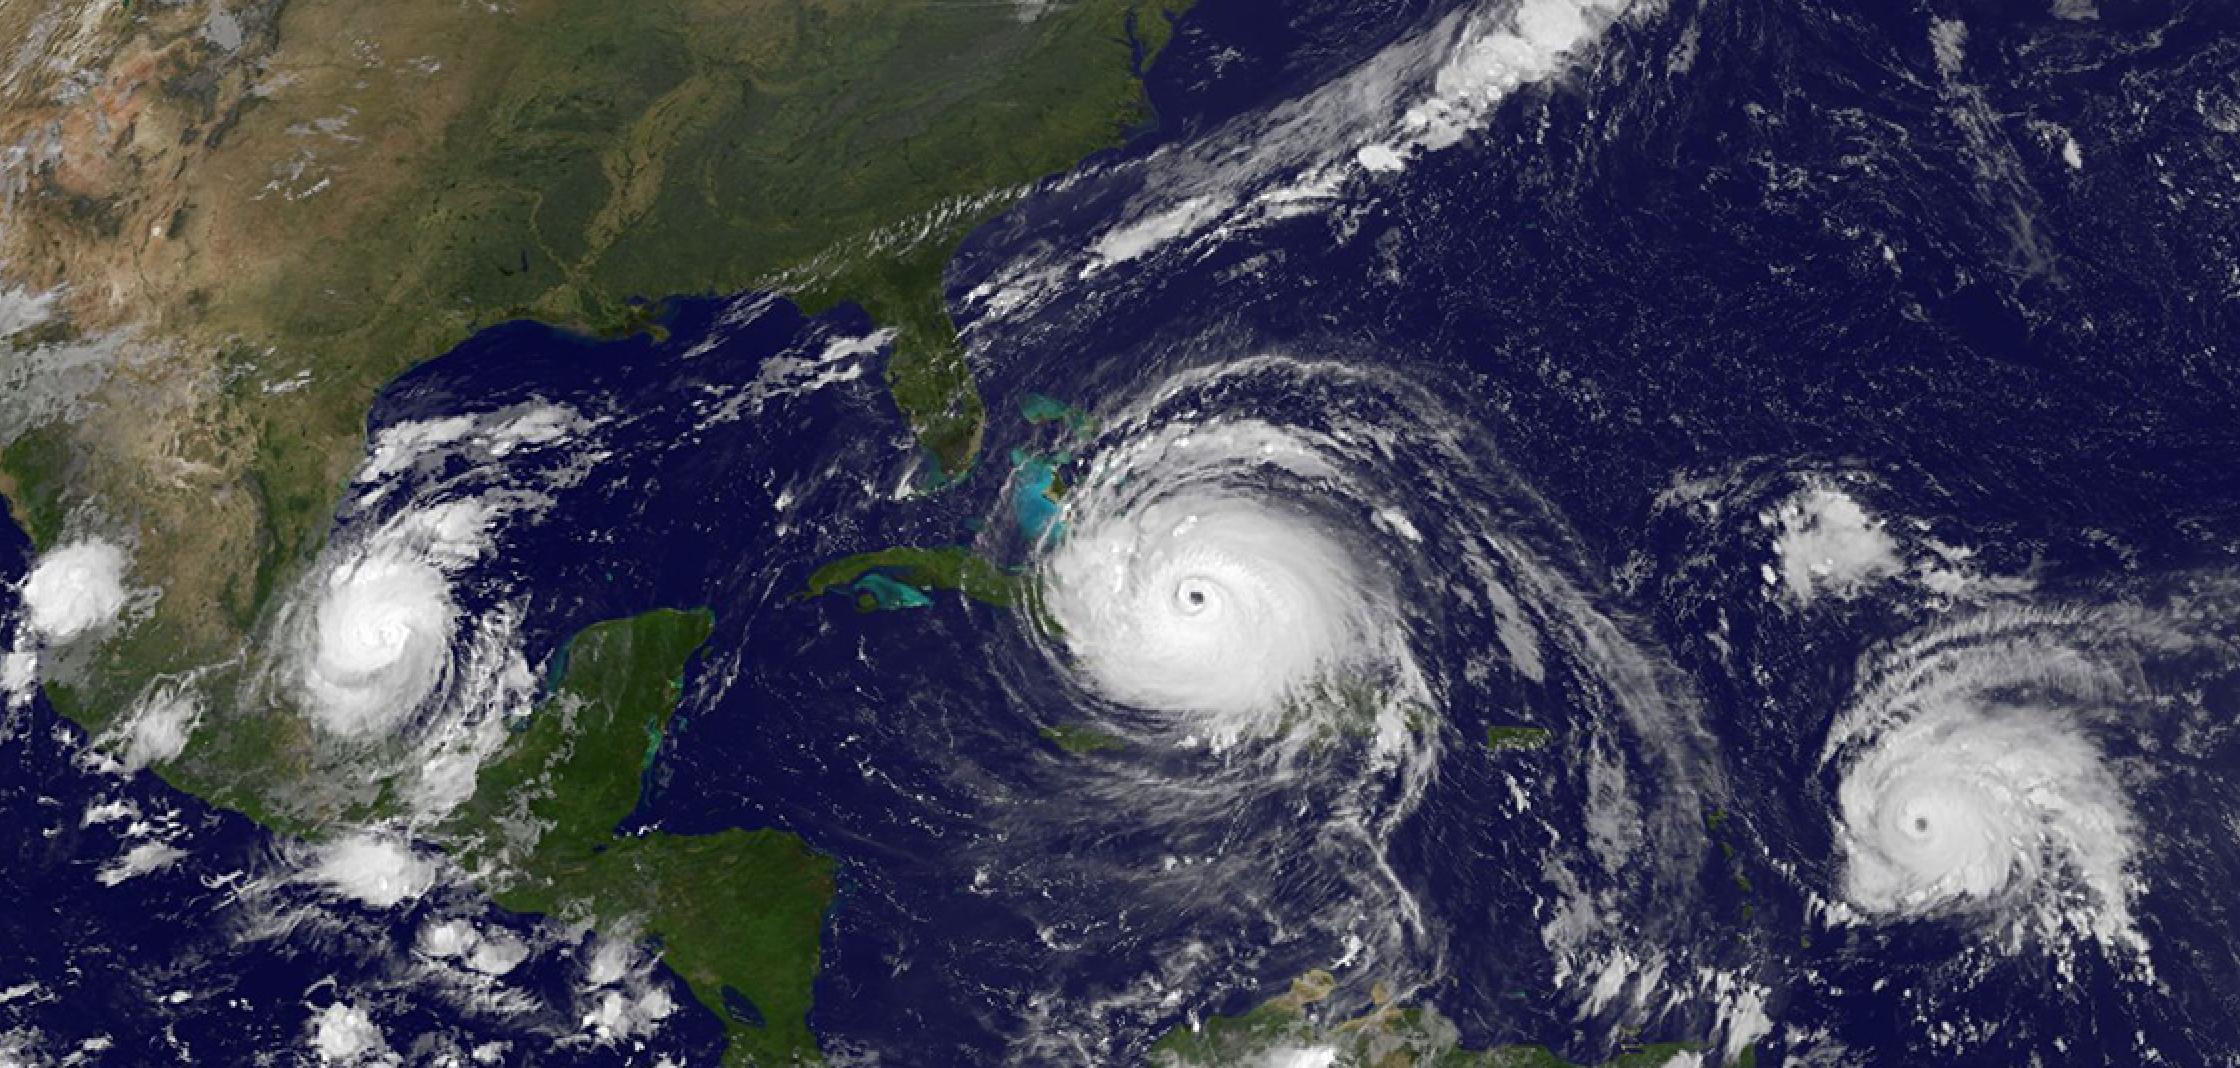 El cambio climático está influyendo sobre el comportamiento de los ciclones tropicales